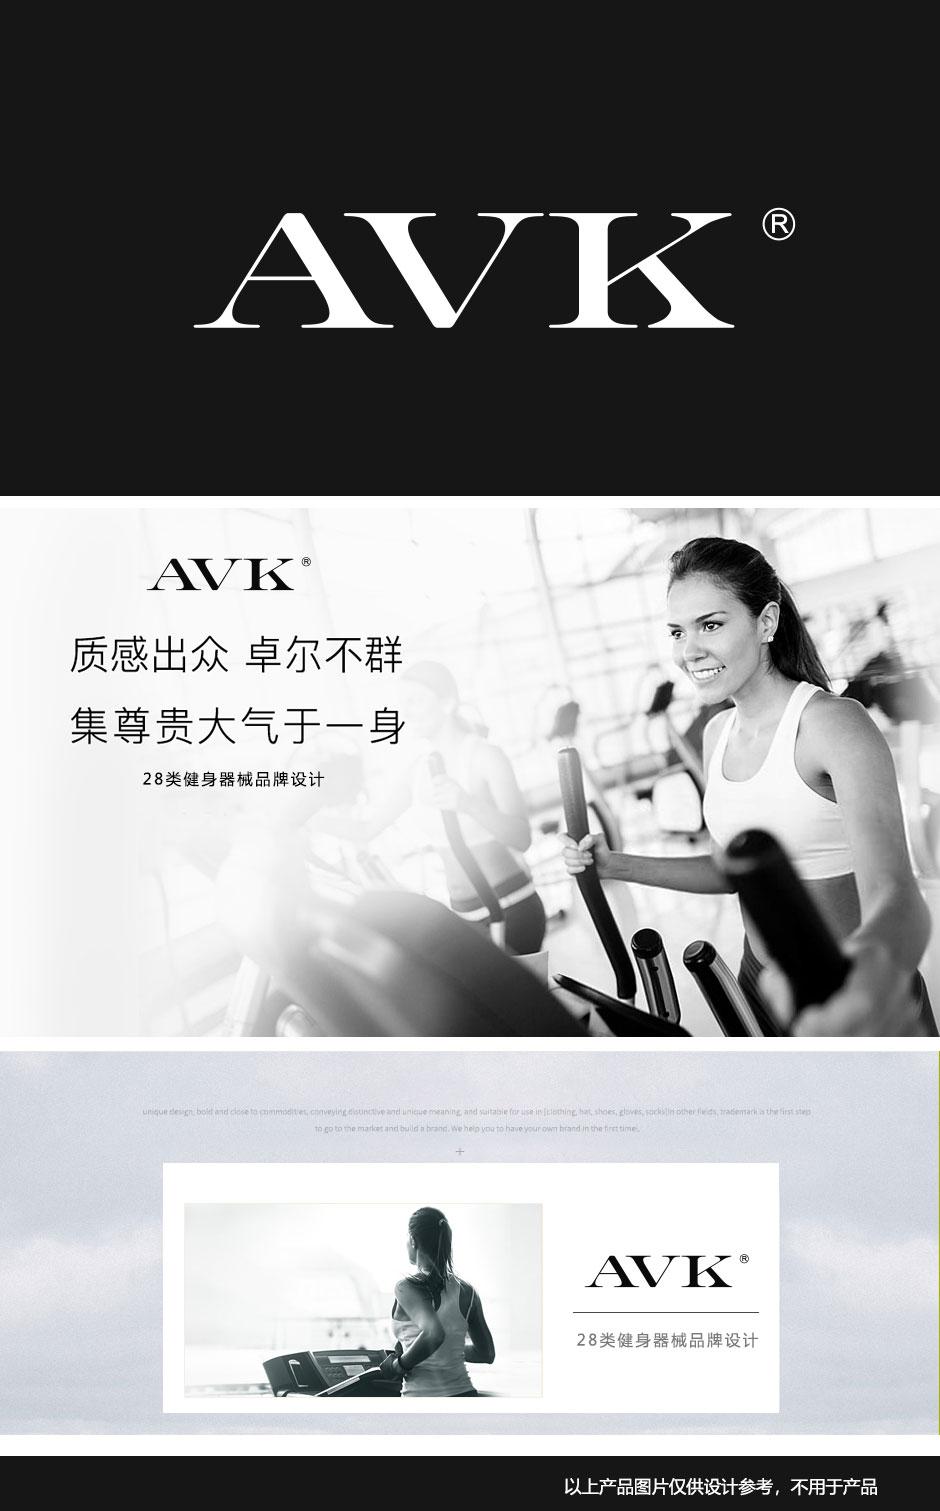 第28类-AVK